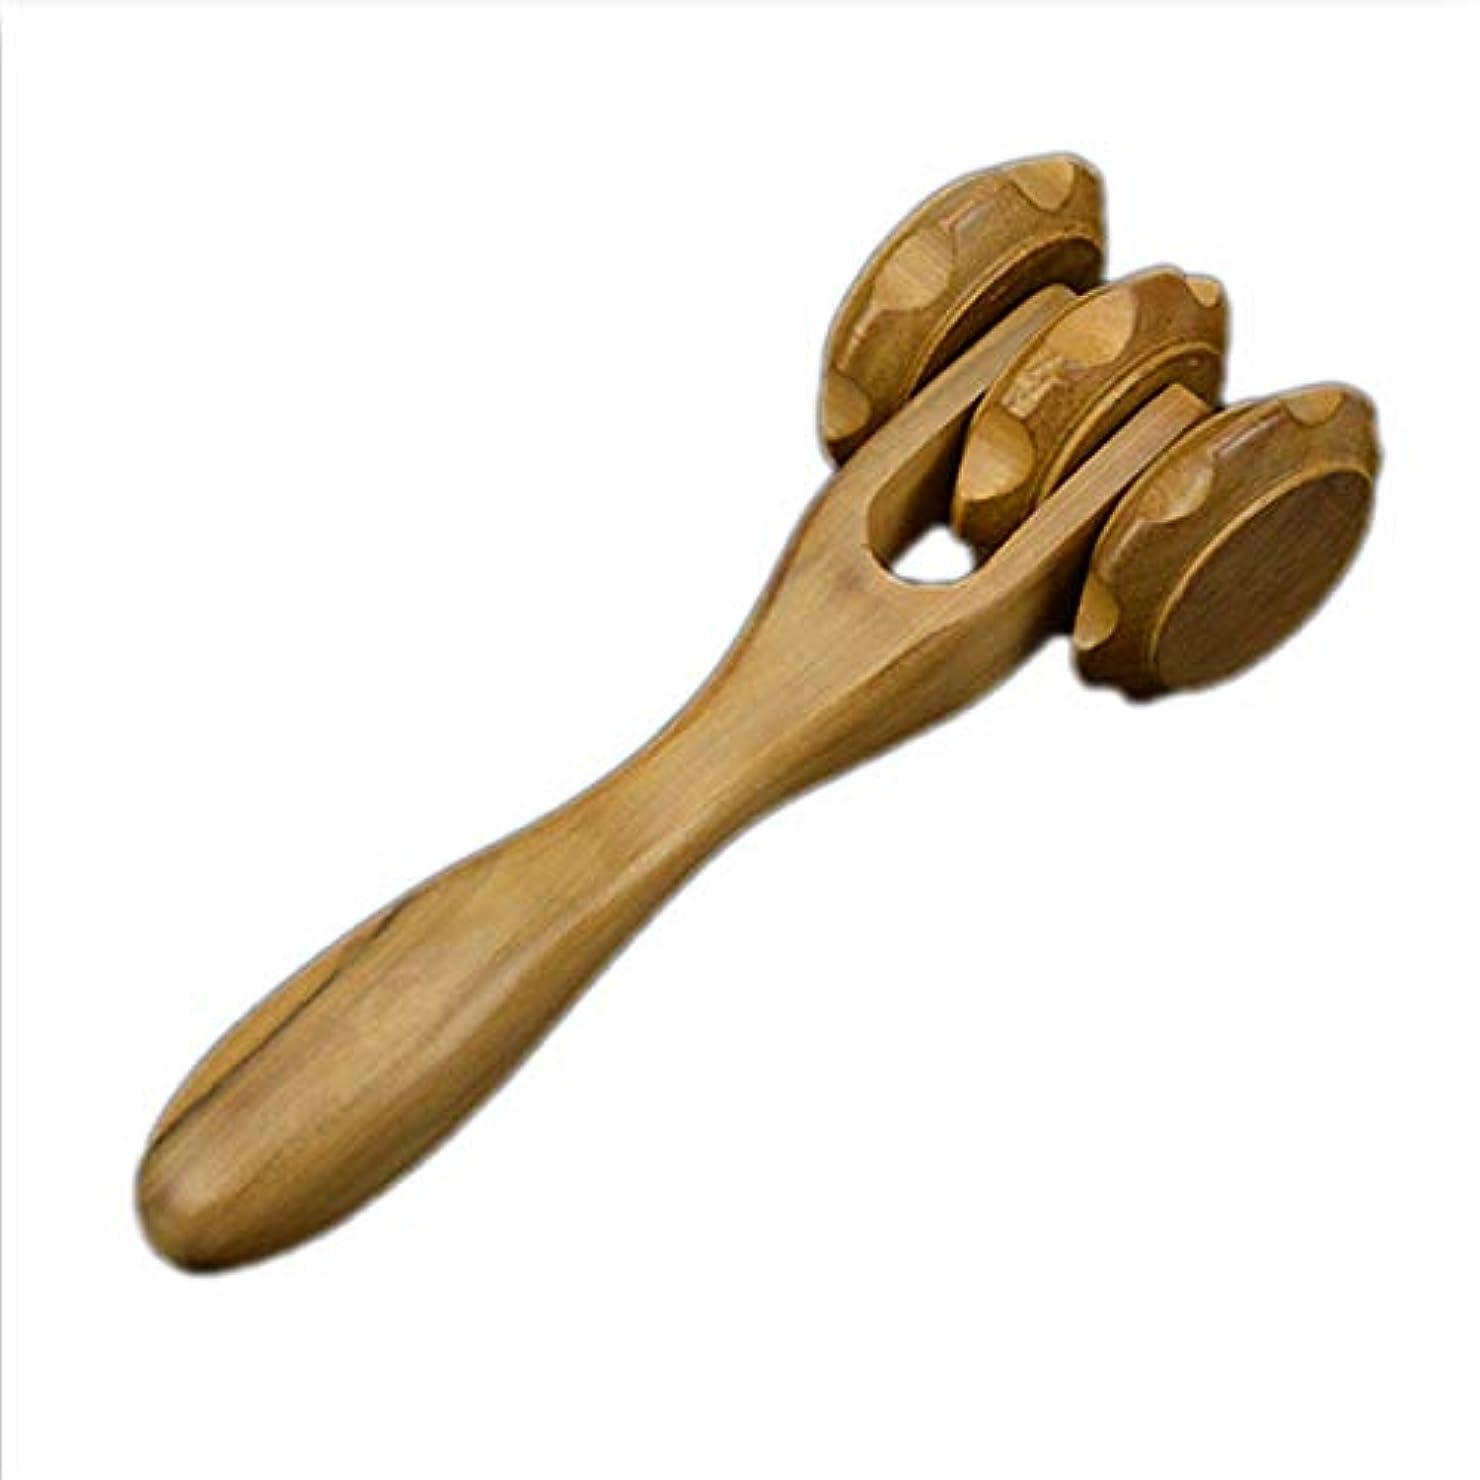 死ぬ故国短命フェリモア マッサージローラー 木製 ツボ押し 3連ローラー 首 肩 腰 二の腕 美顔 筋肉 (ブラウン)